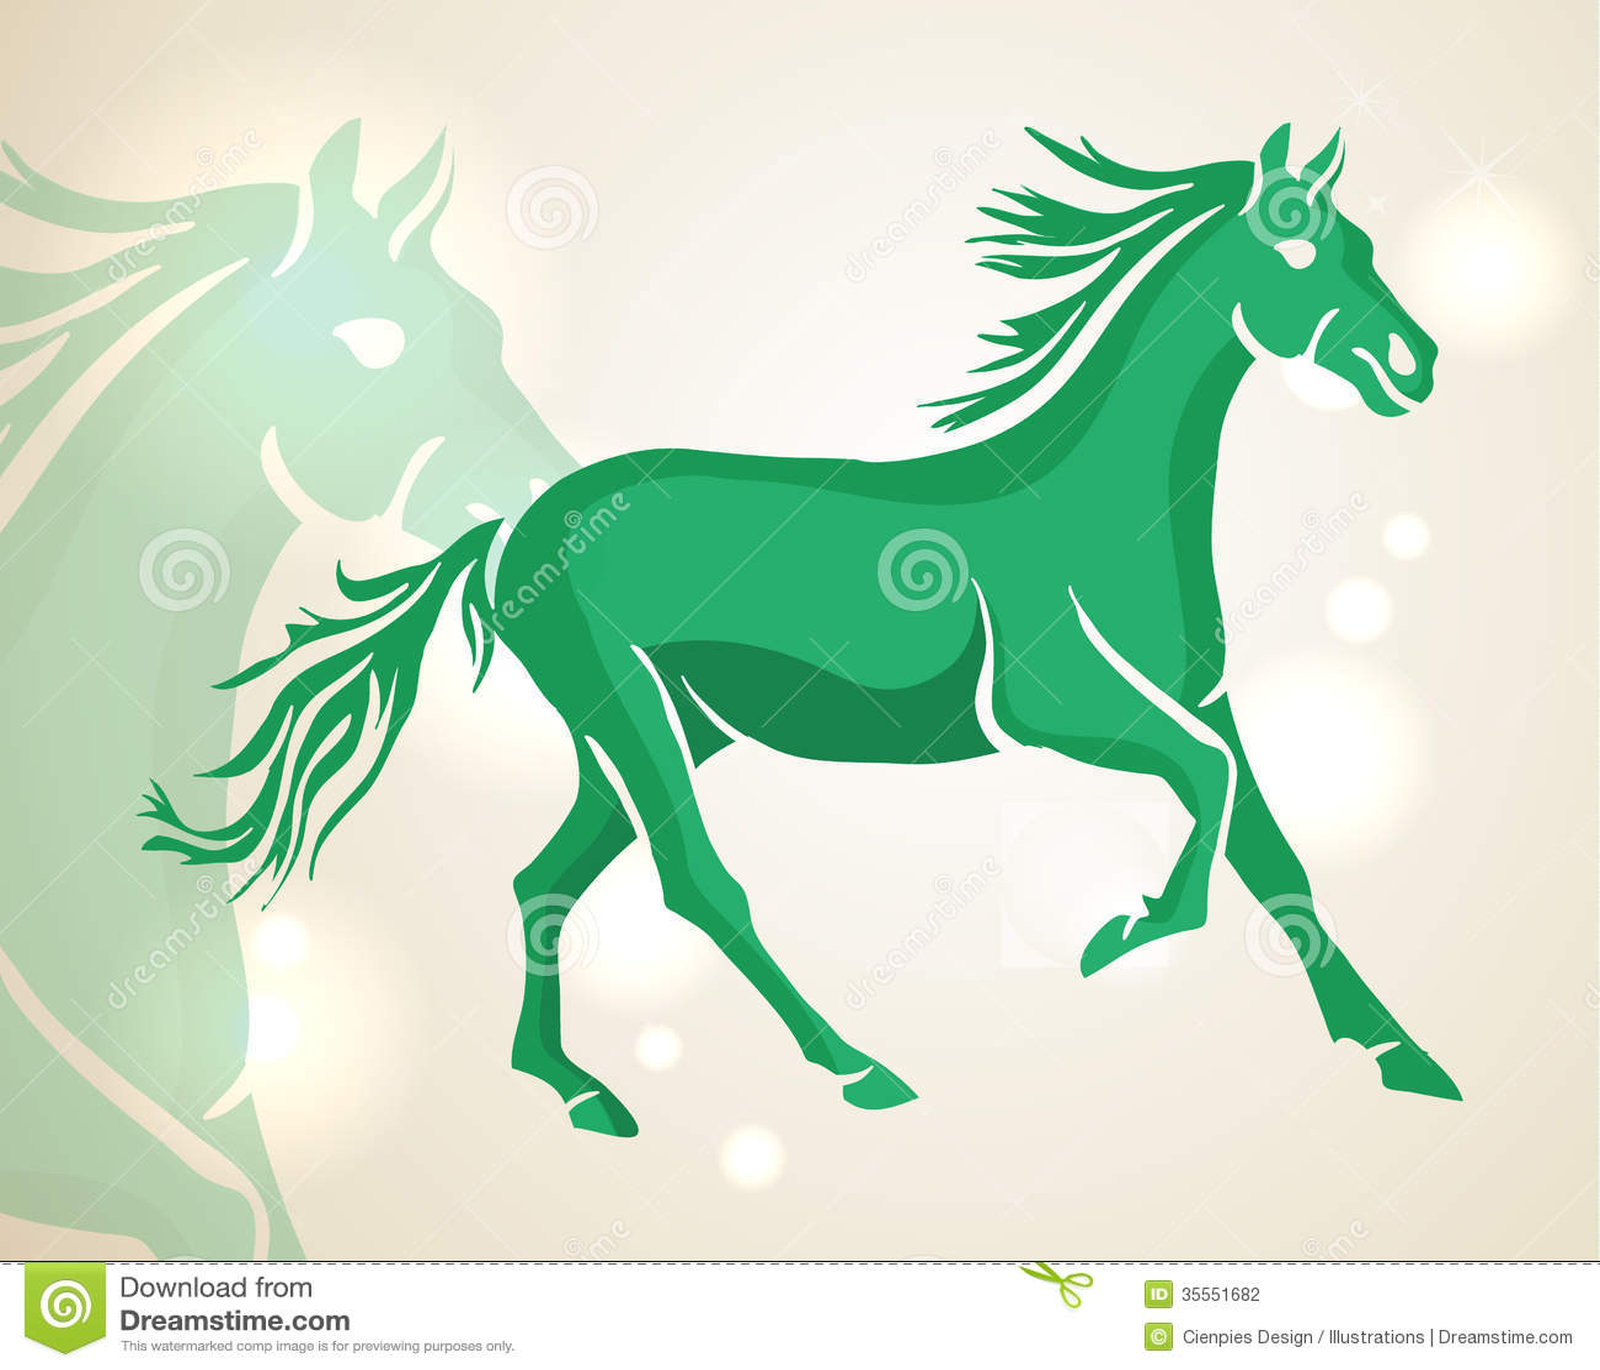 Chinese New Year Green Running Horse Stock